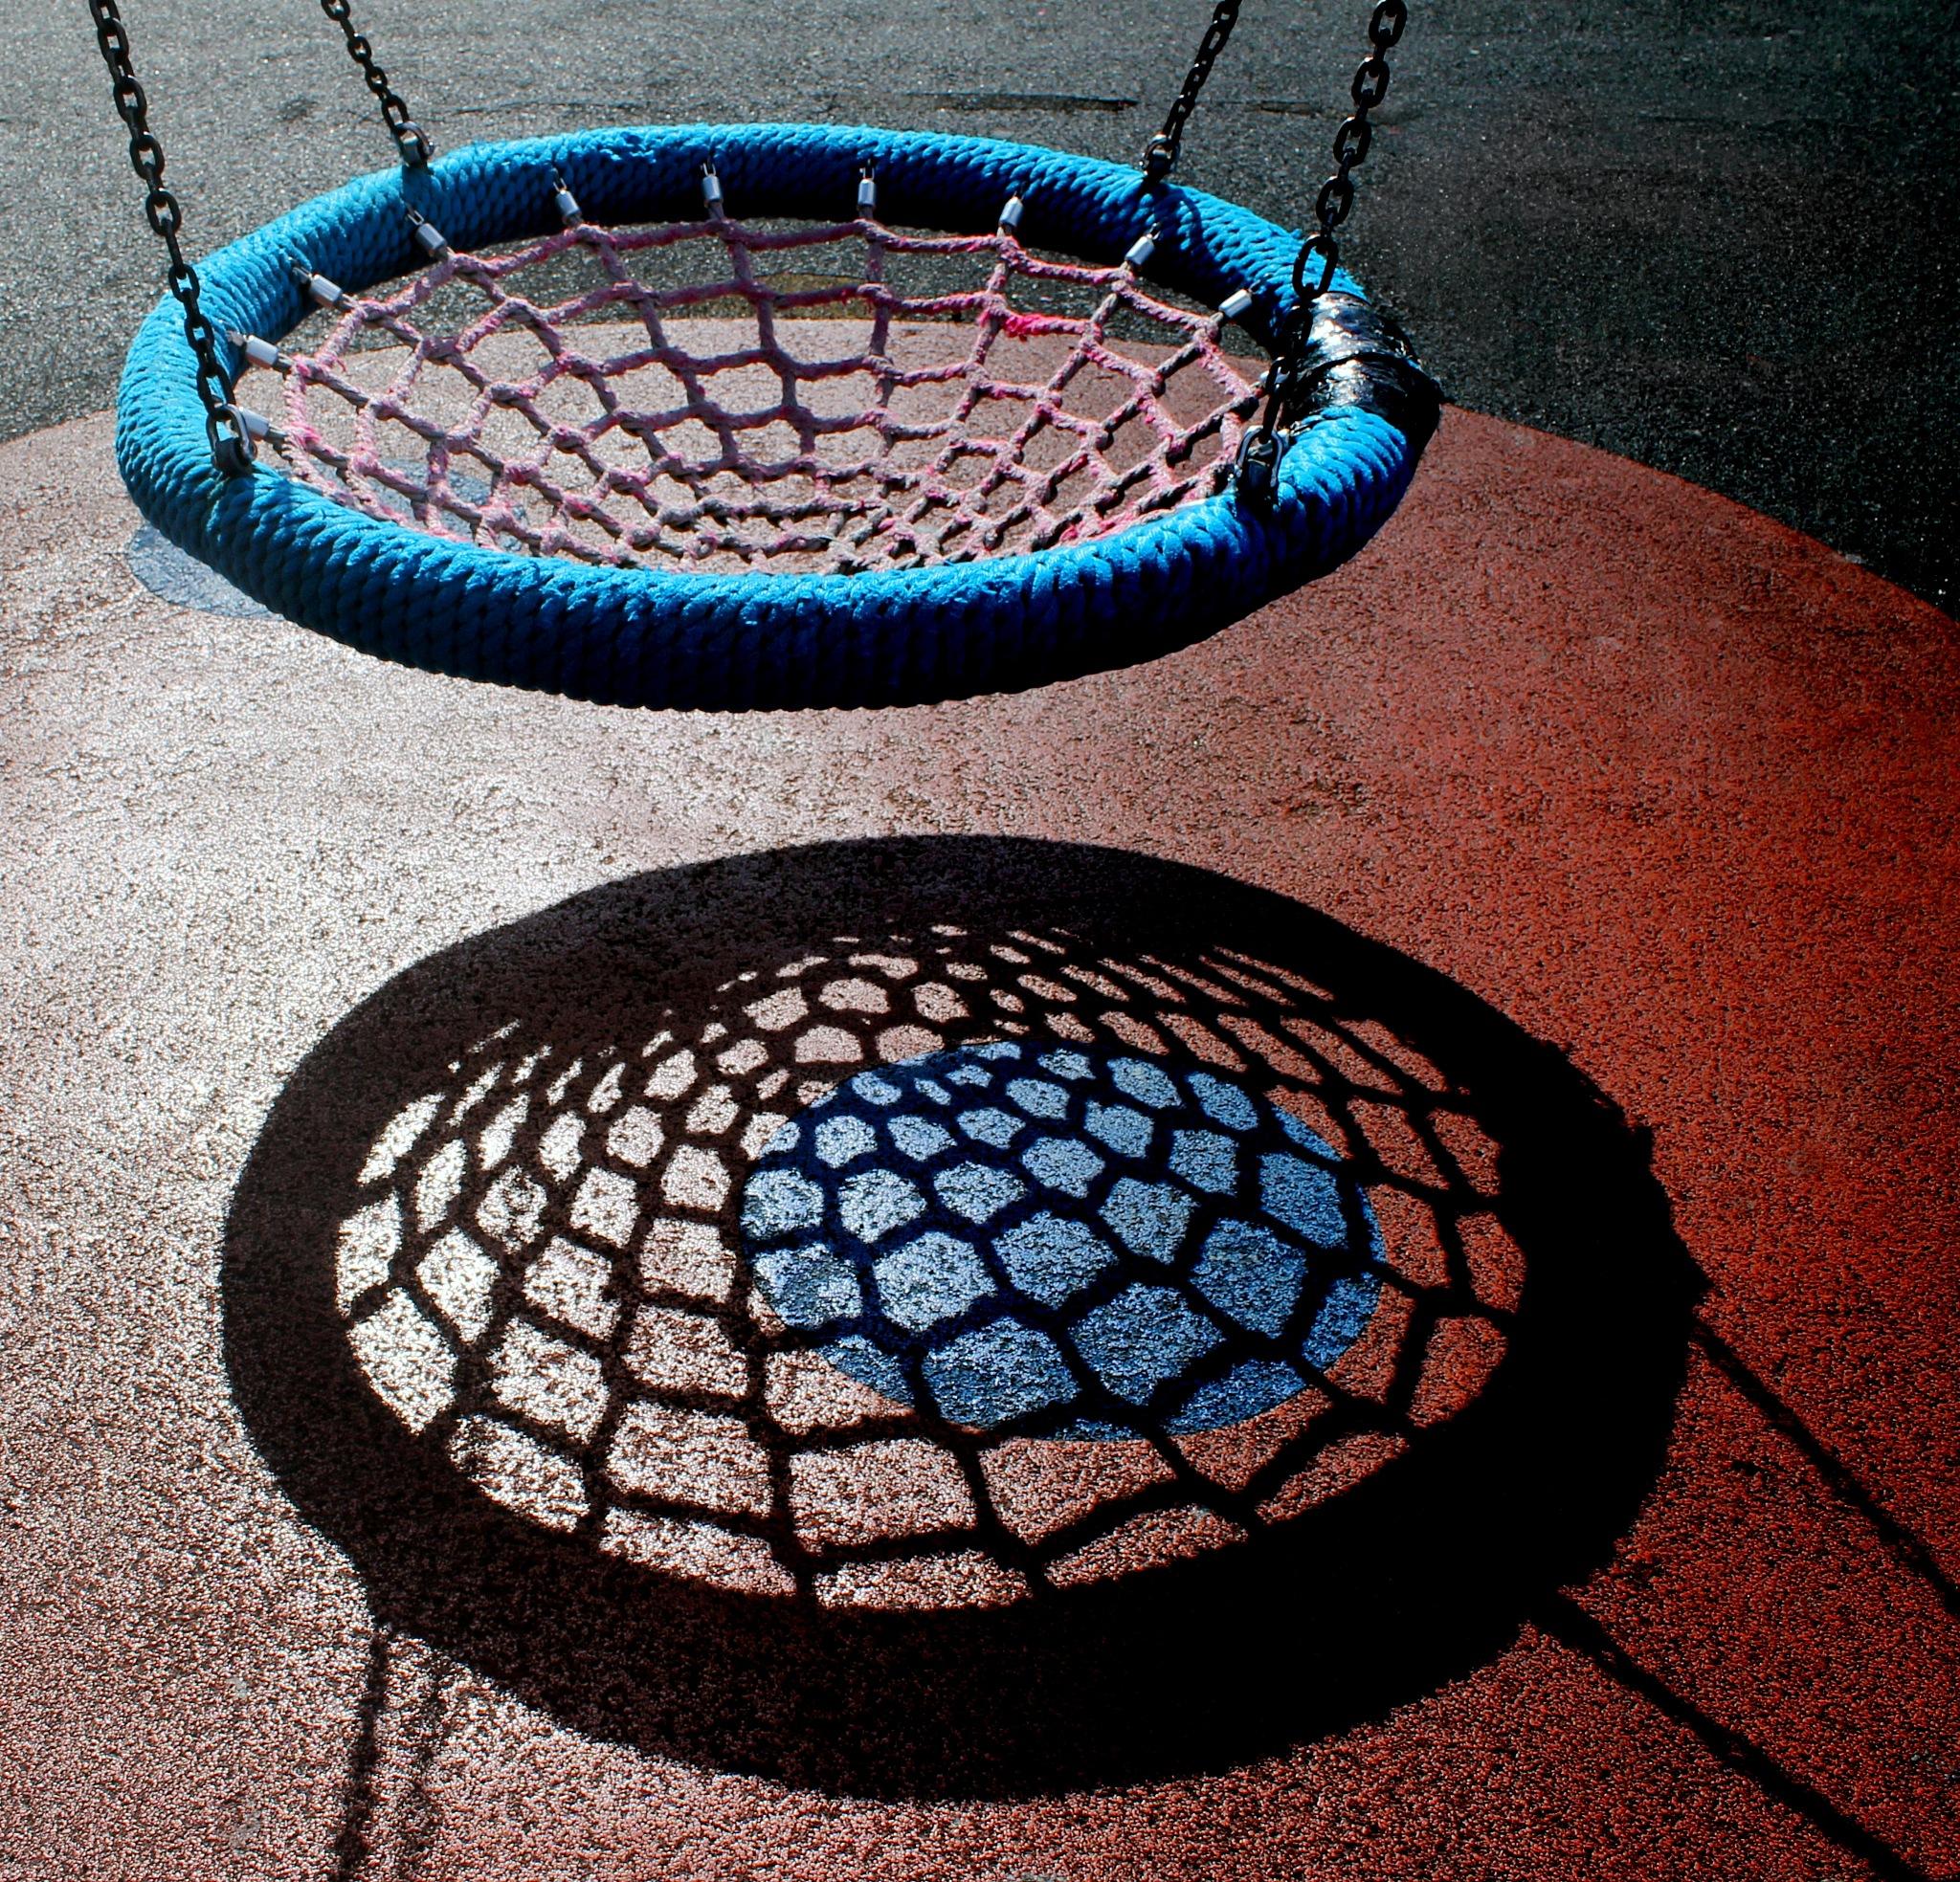 Park Swing - 4 by Helen Burridge